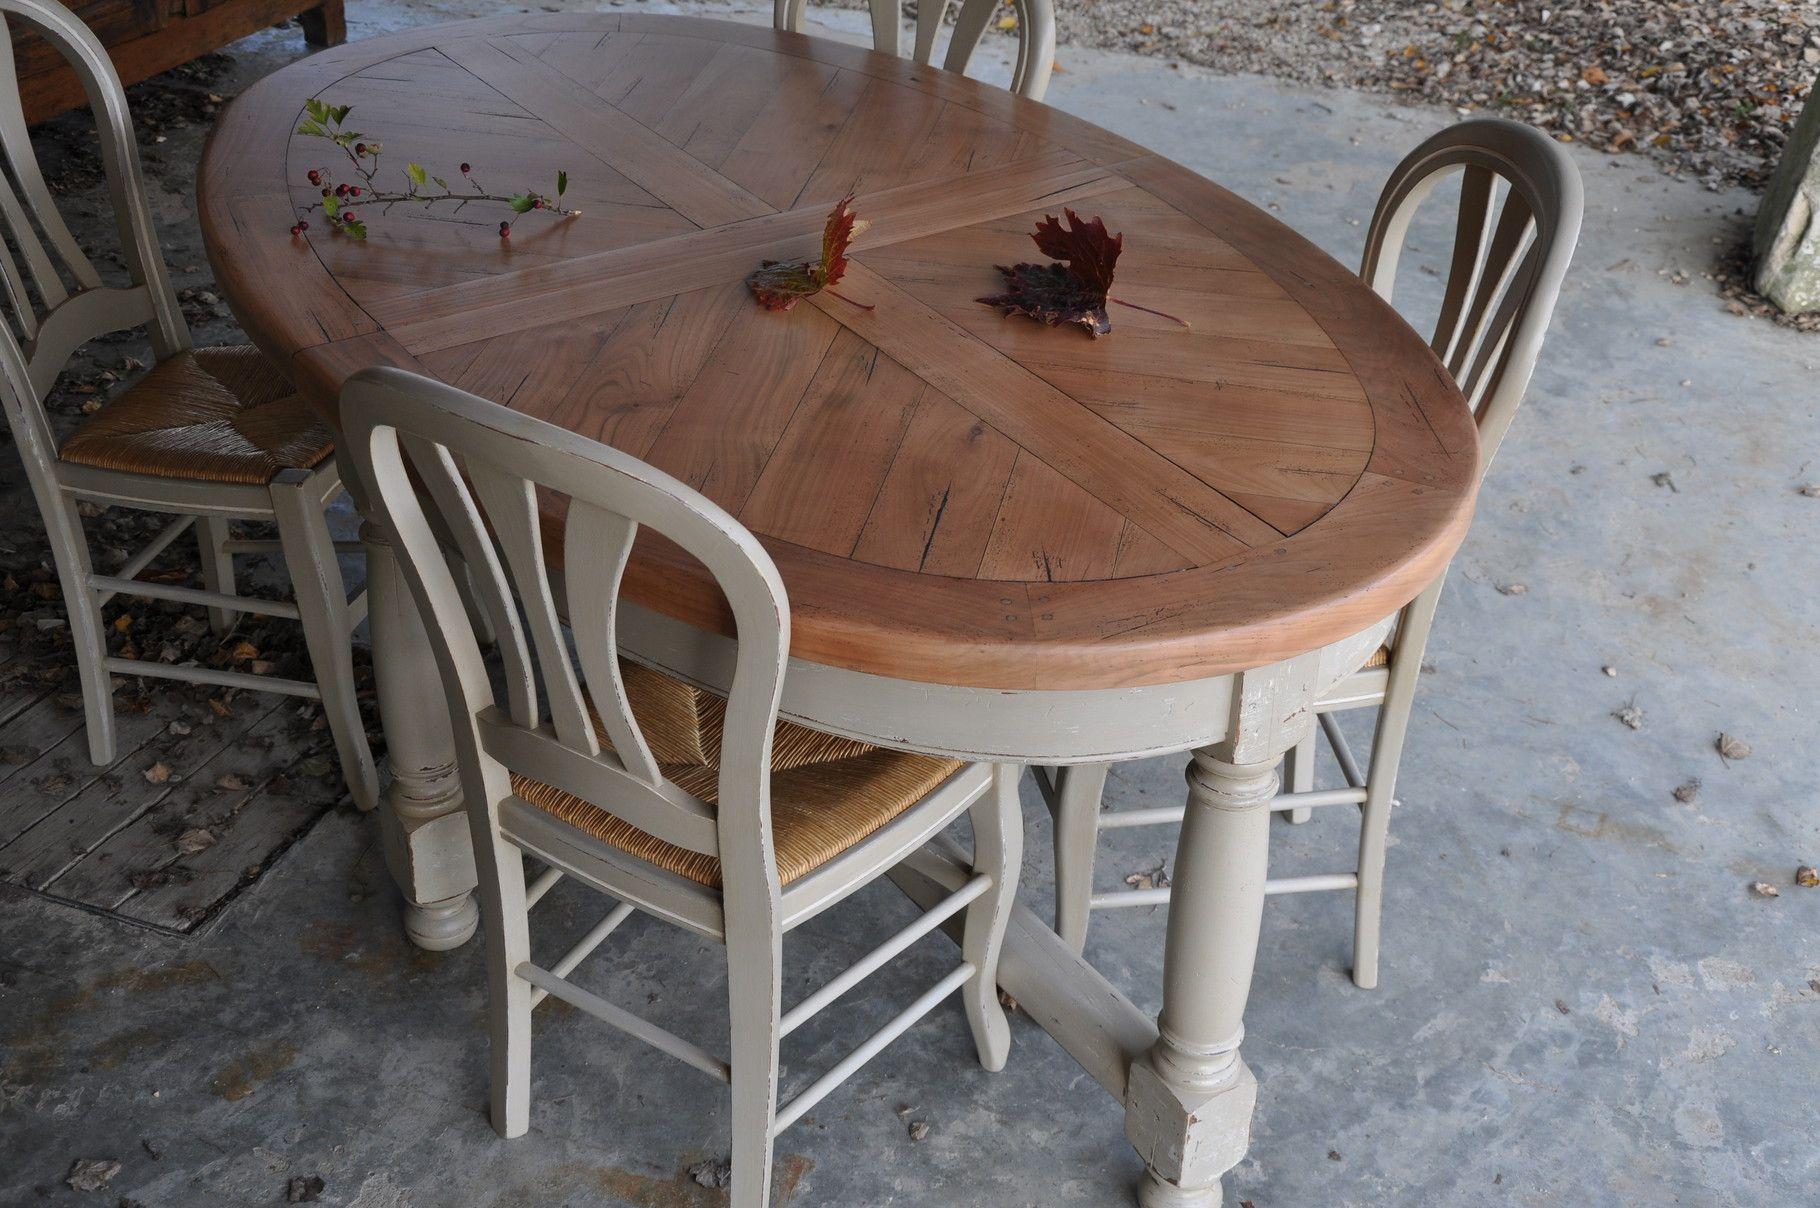 Tres Belle Table En Merisier Relookee Et Patinee Gris Gustavien Plateau Naturel Creation Les Pati Mobilier De Salon Meuble Living Salle A Manger Table Ronde